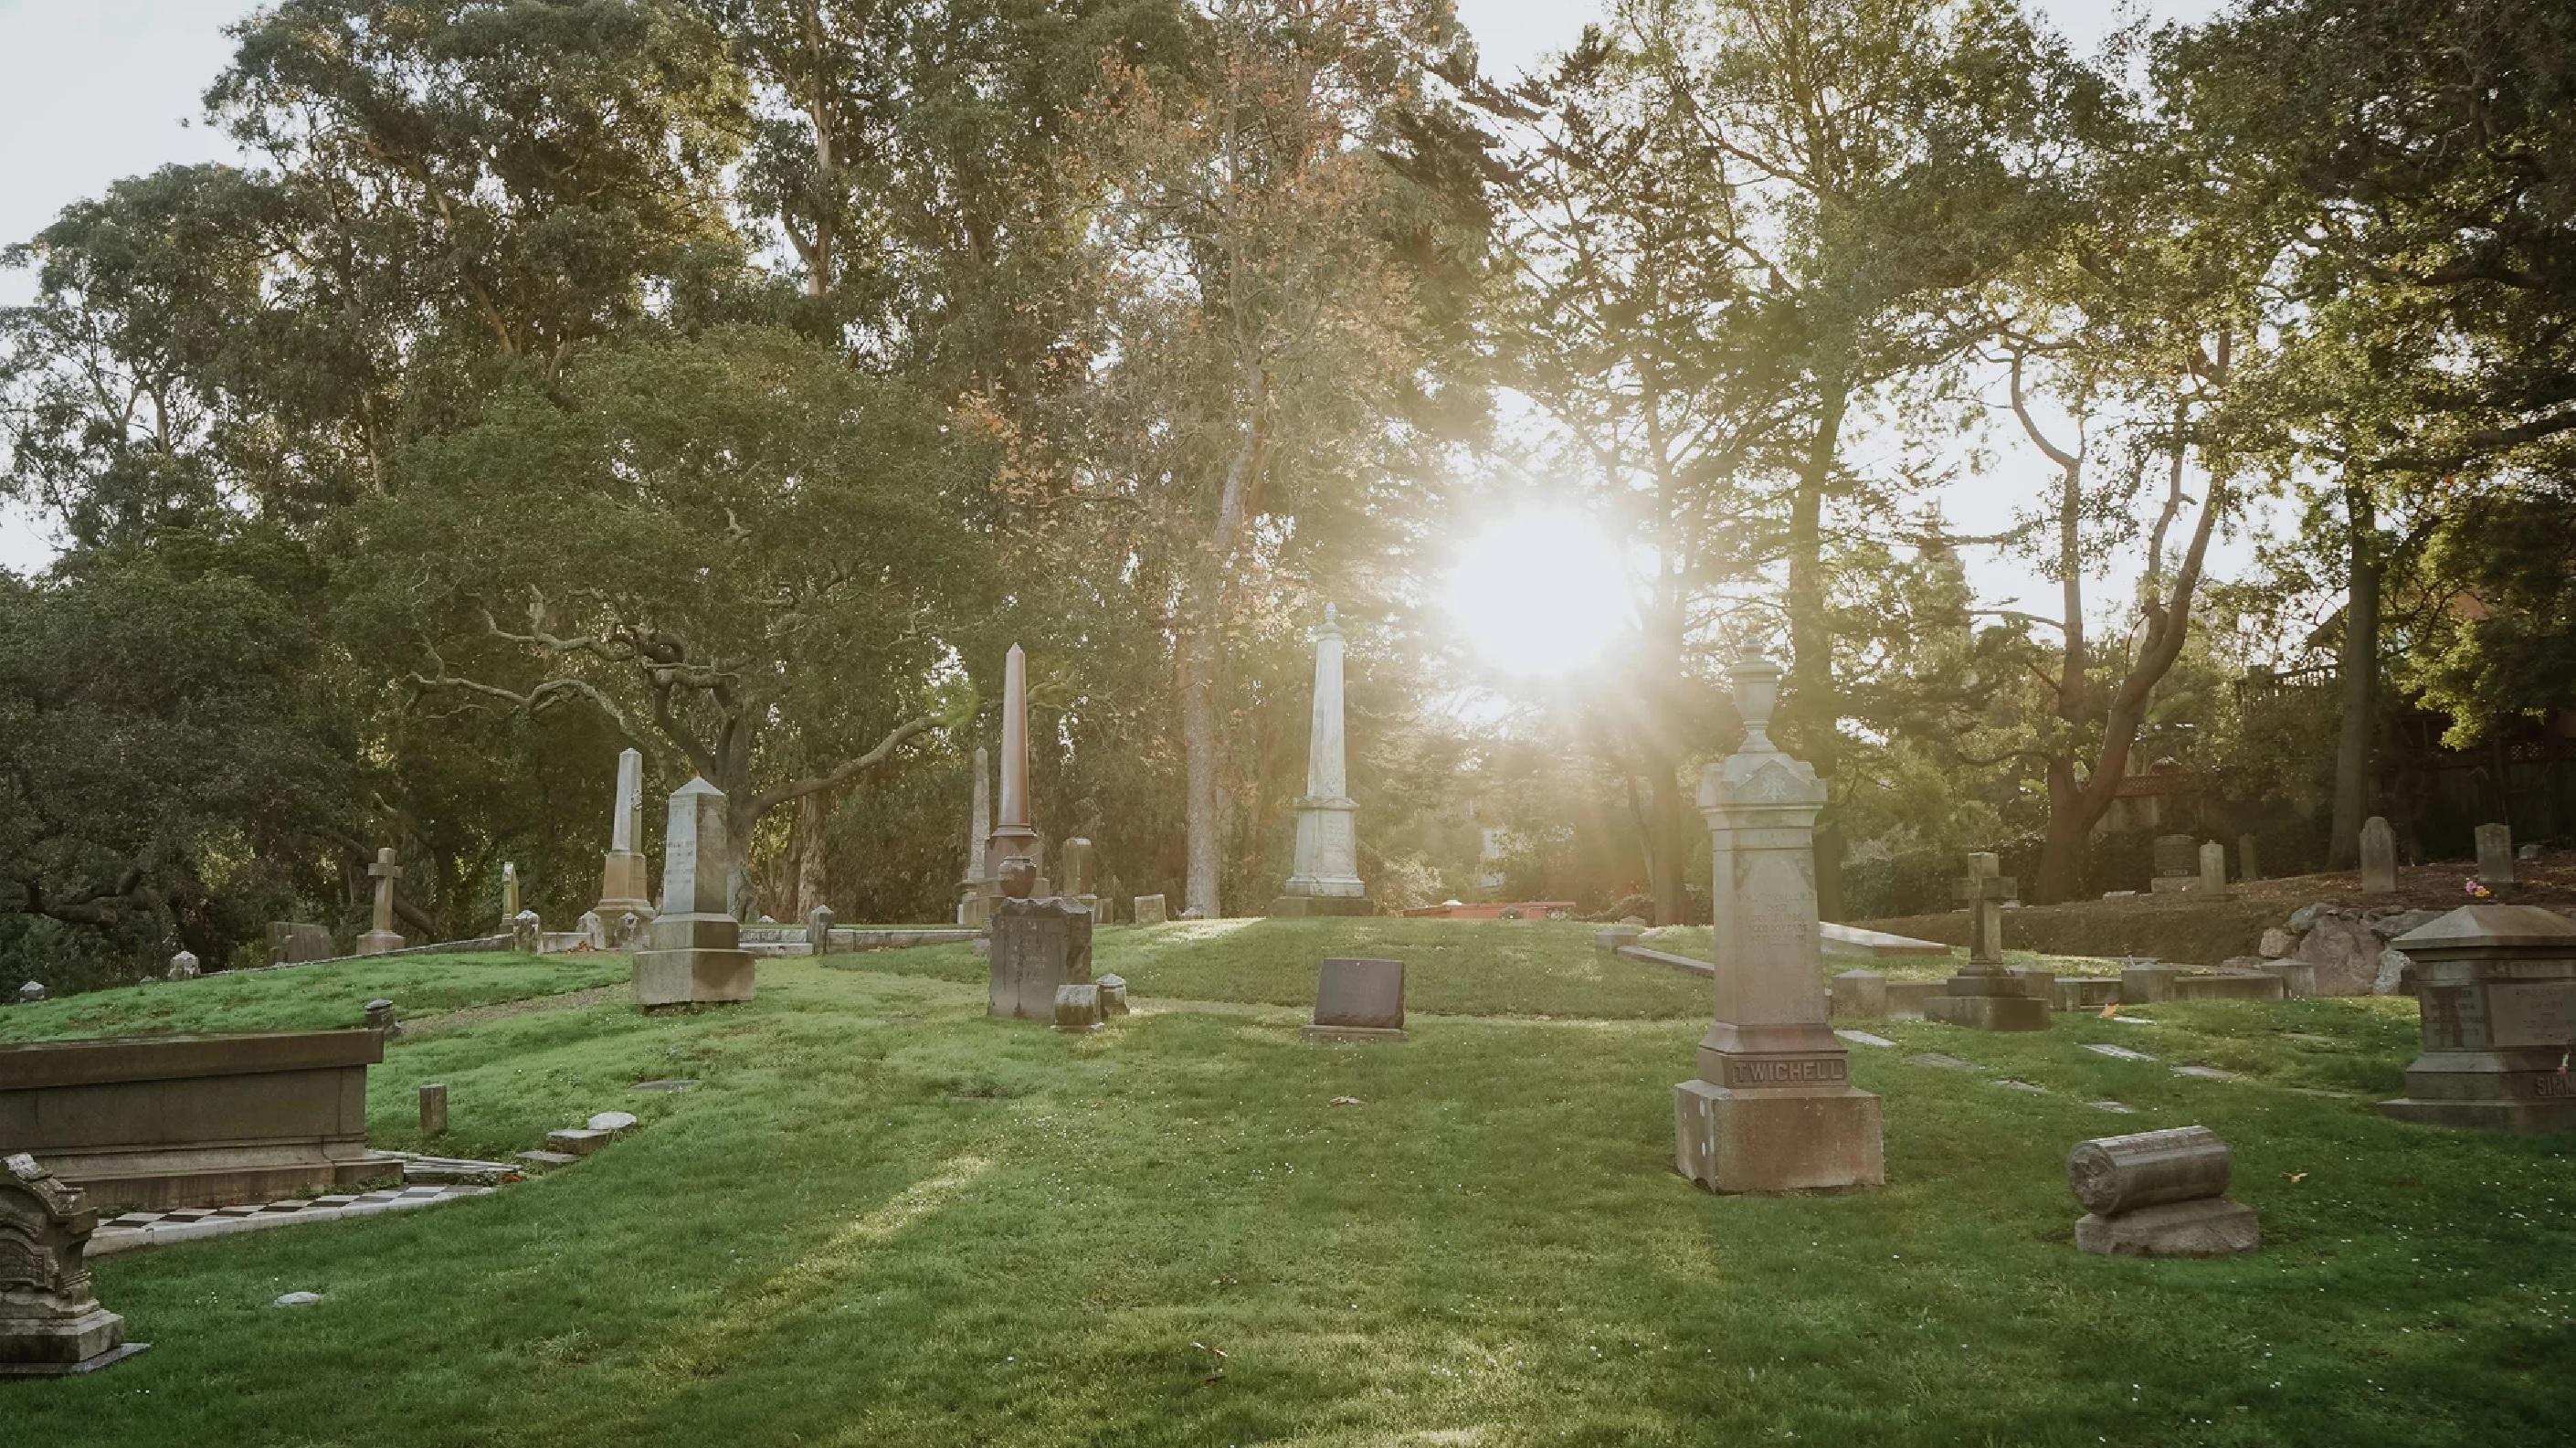 2020-10-17 Good News Tomorrow We Die